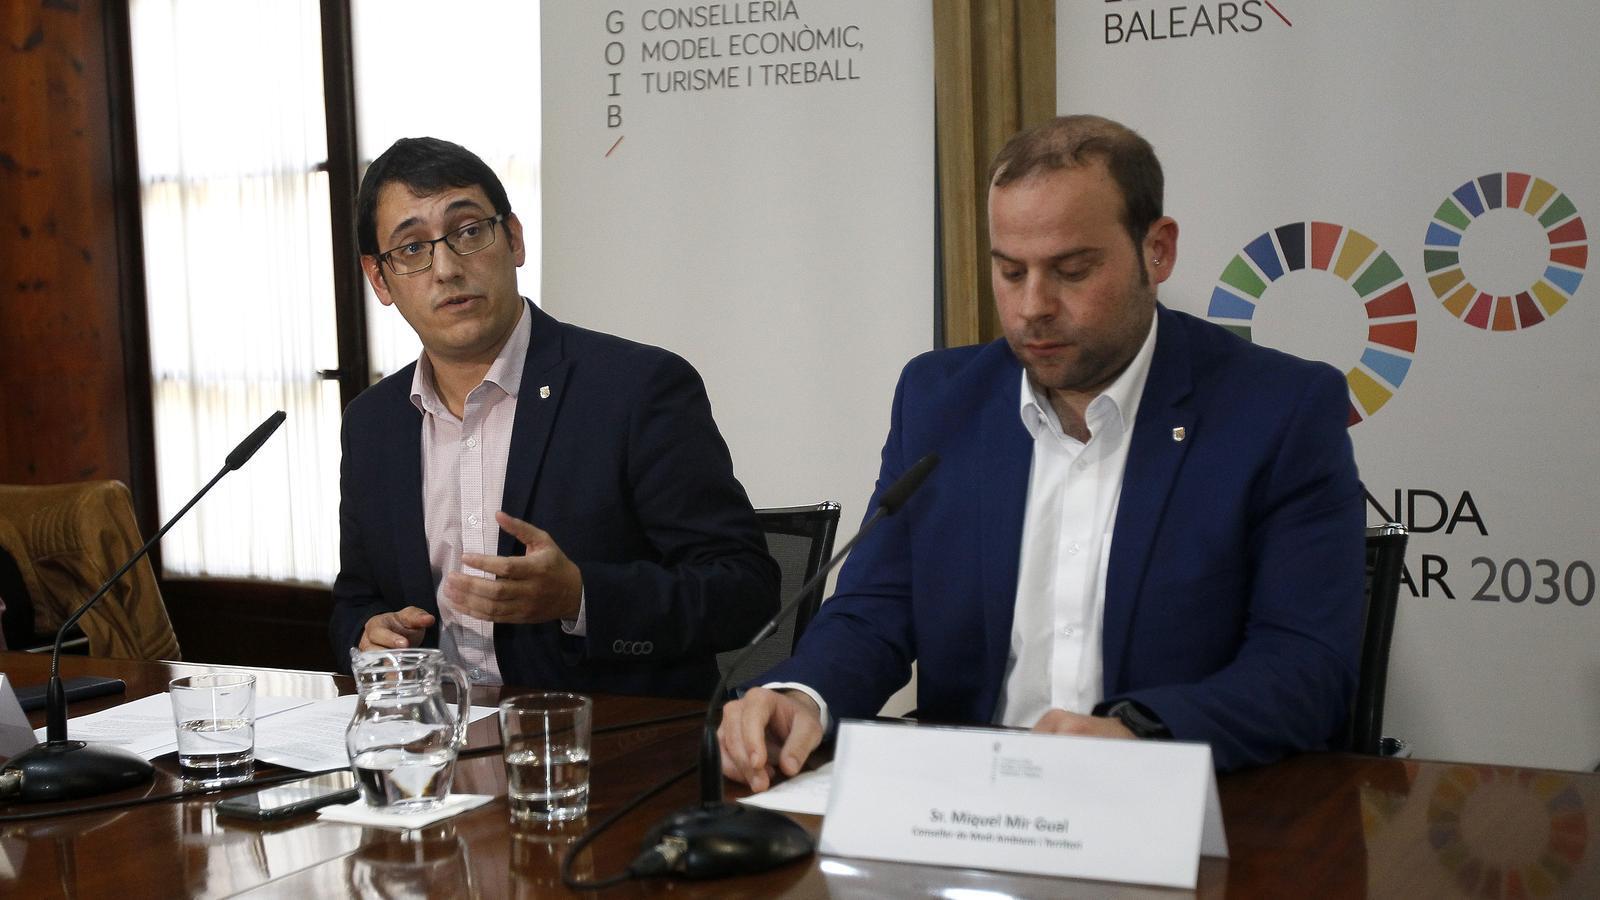 Iago Negueruela i Miquel Mir durant la roda de premsa